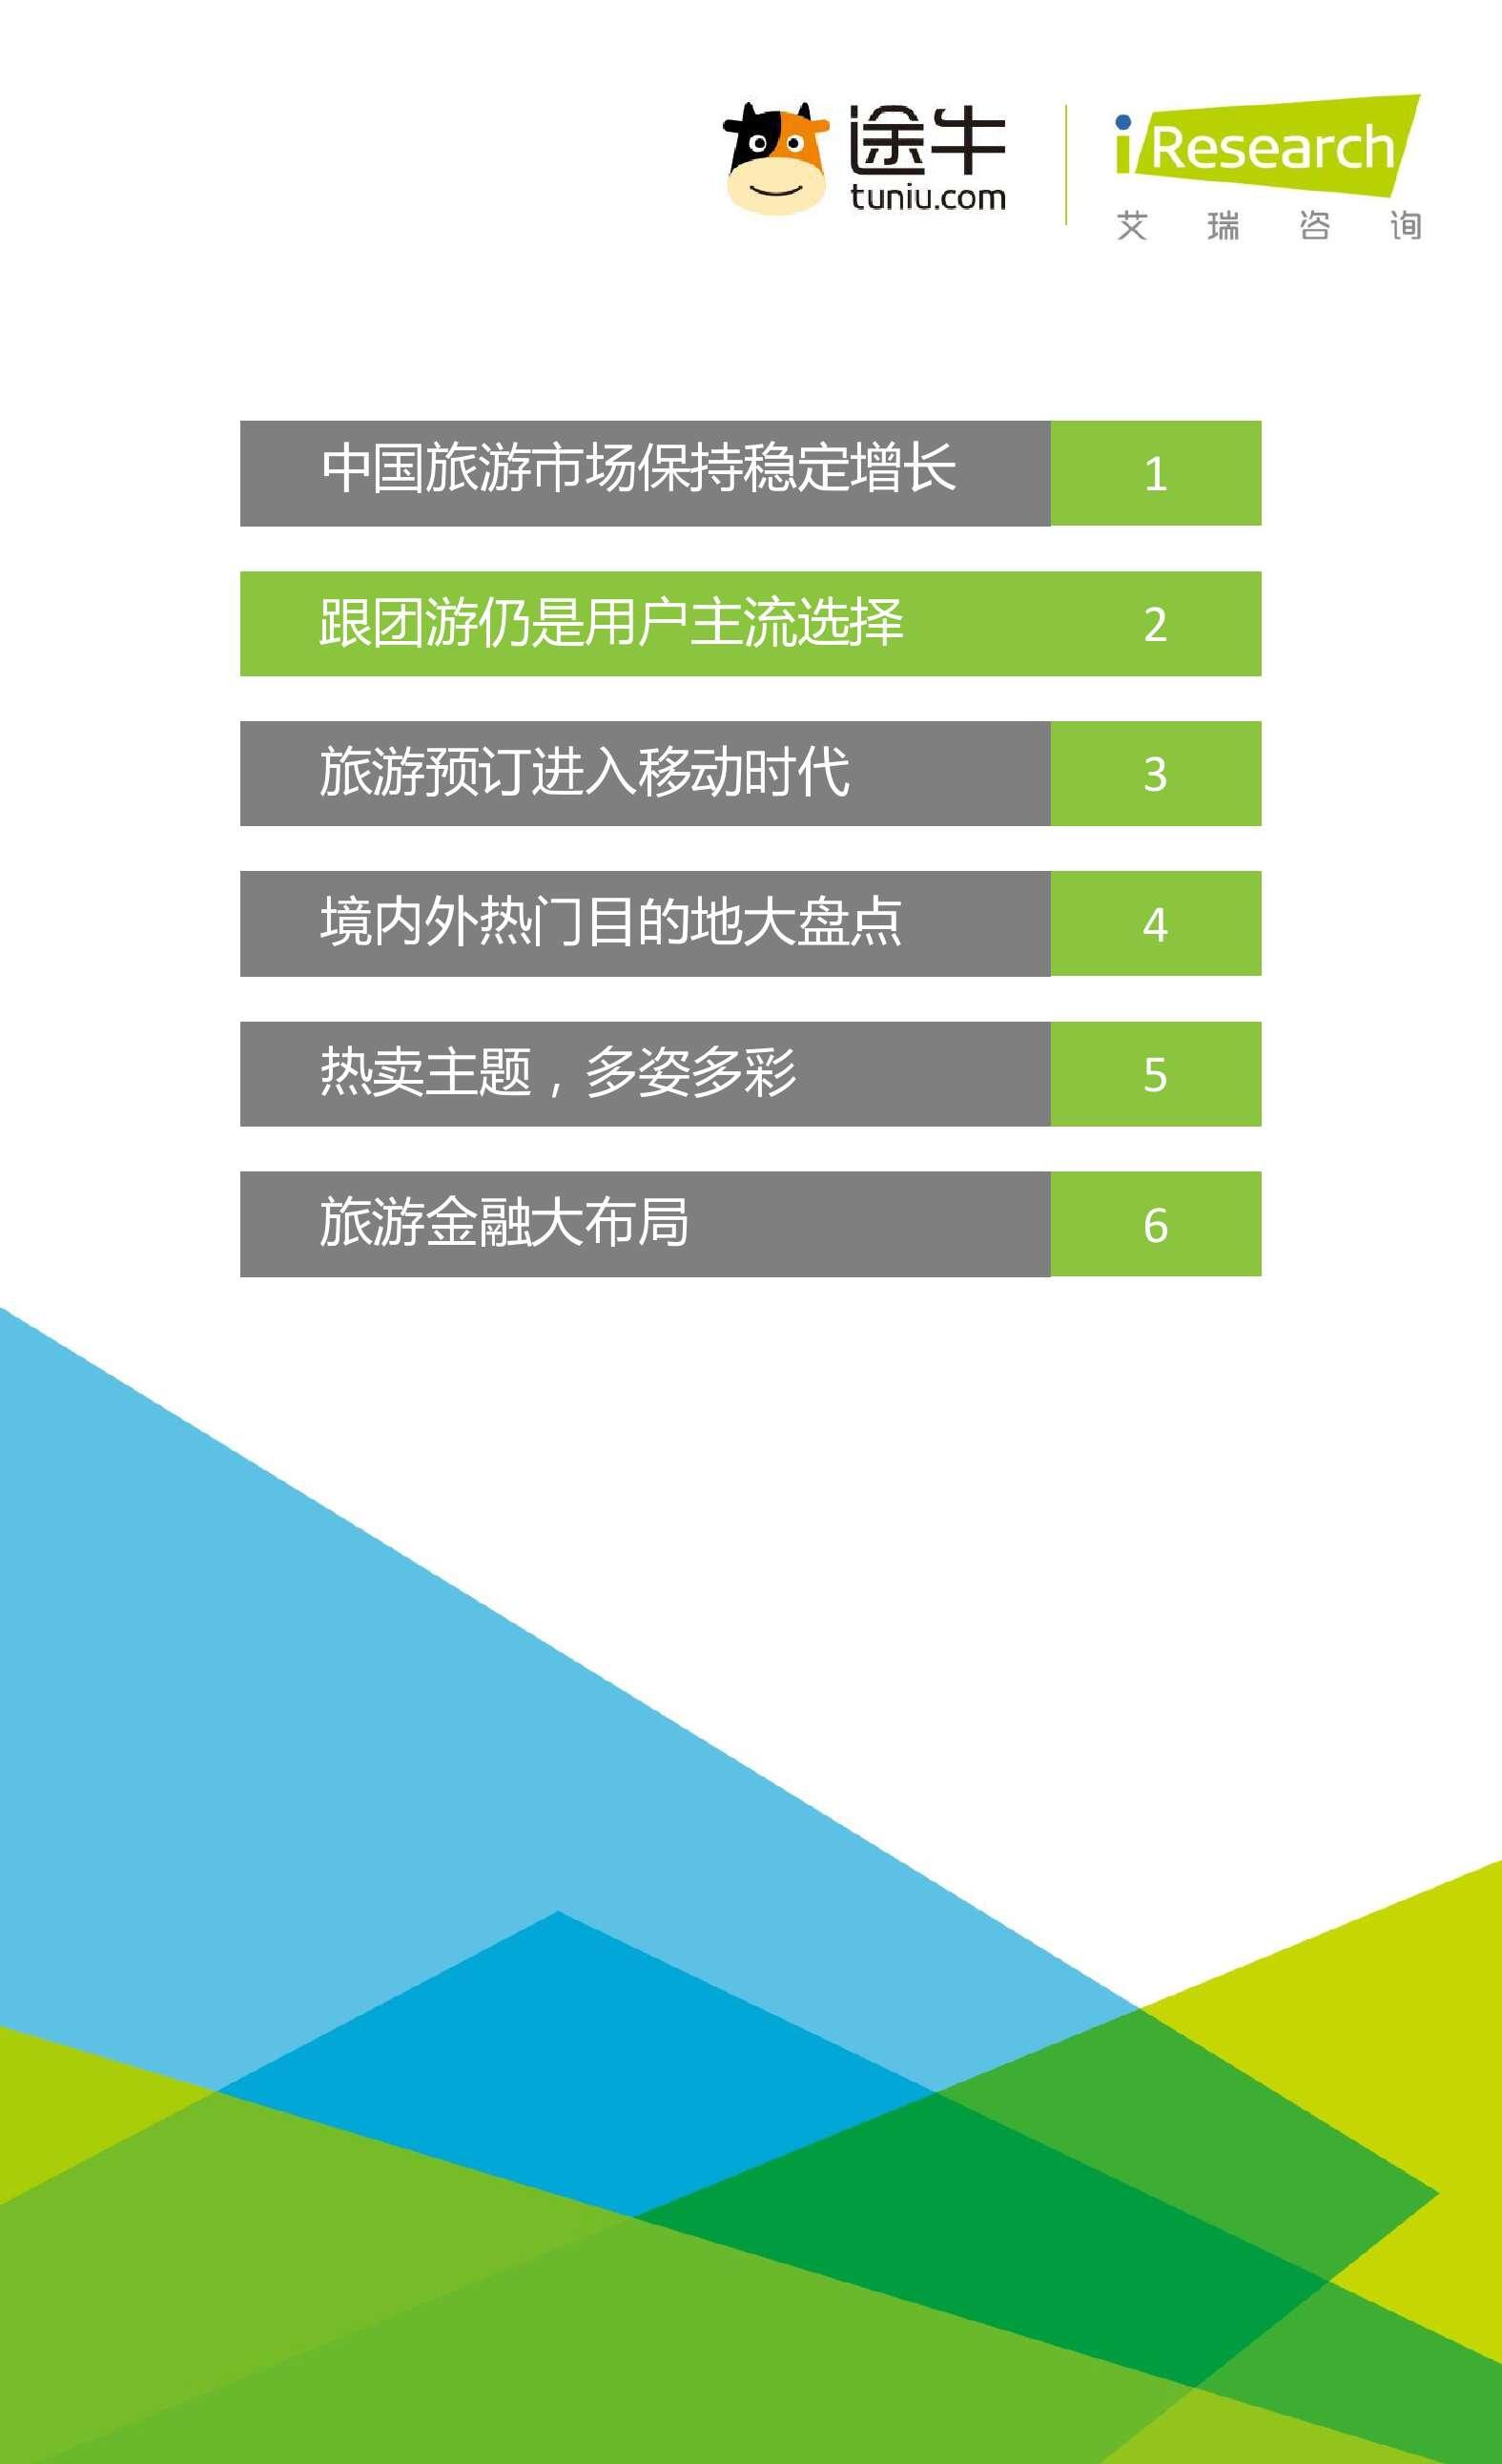 2016年中国在线旅游平台白皮书_000007